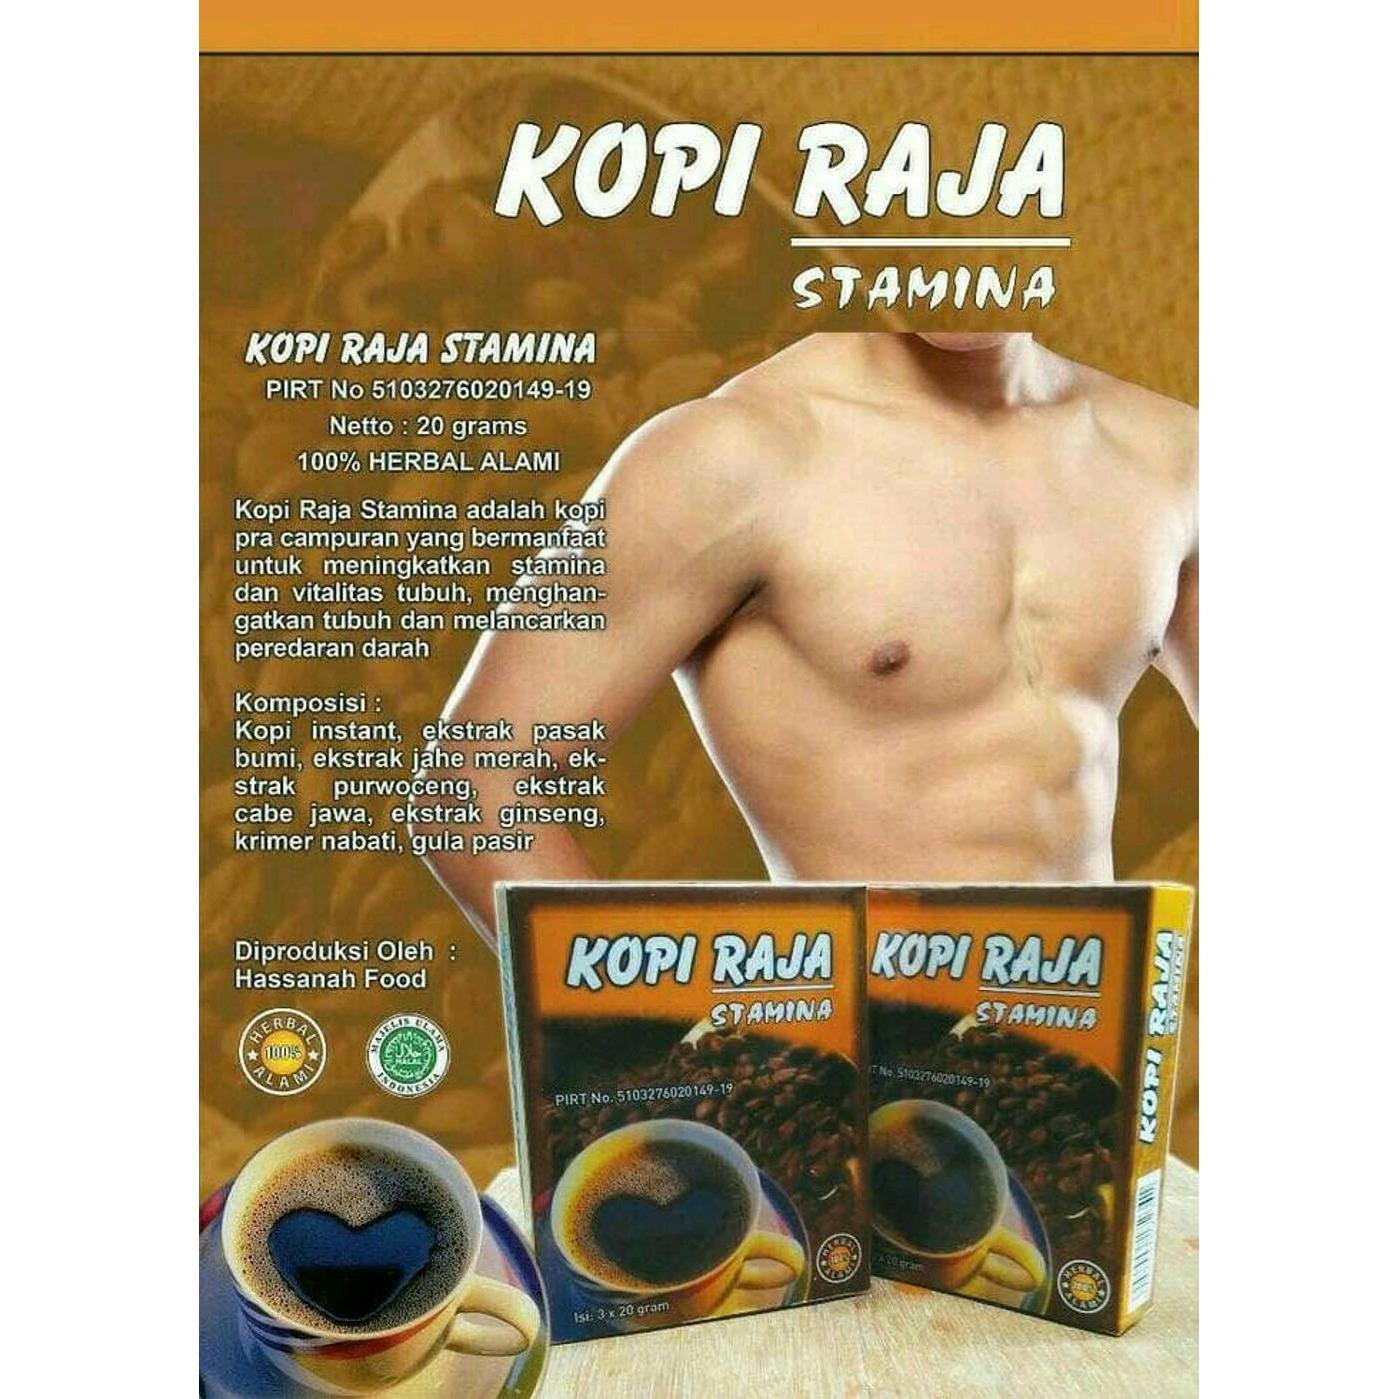 Herbulgari Teh Herbal Alami Untuk Stamina Dan Peredaran Darah Yang Bagus Kesehatan Original Kopi Raja Isi 3 Saset